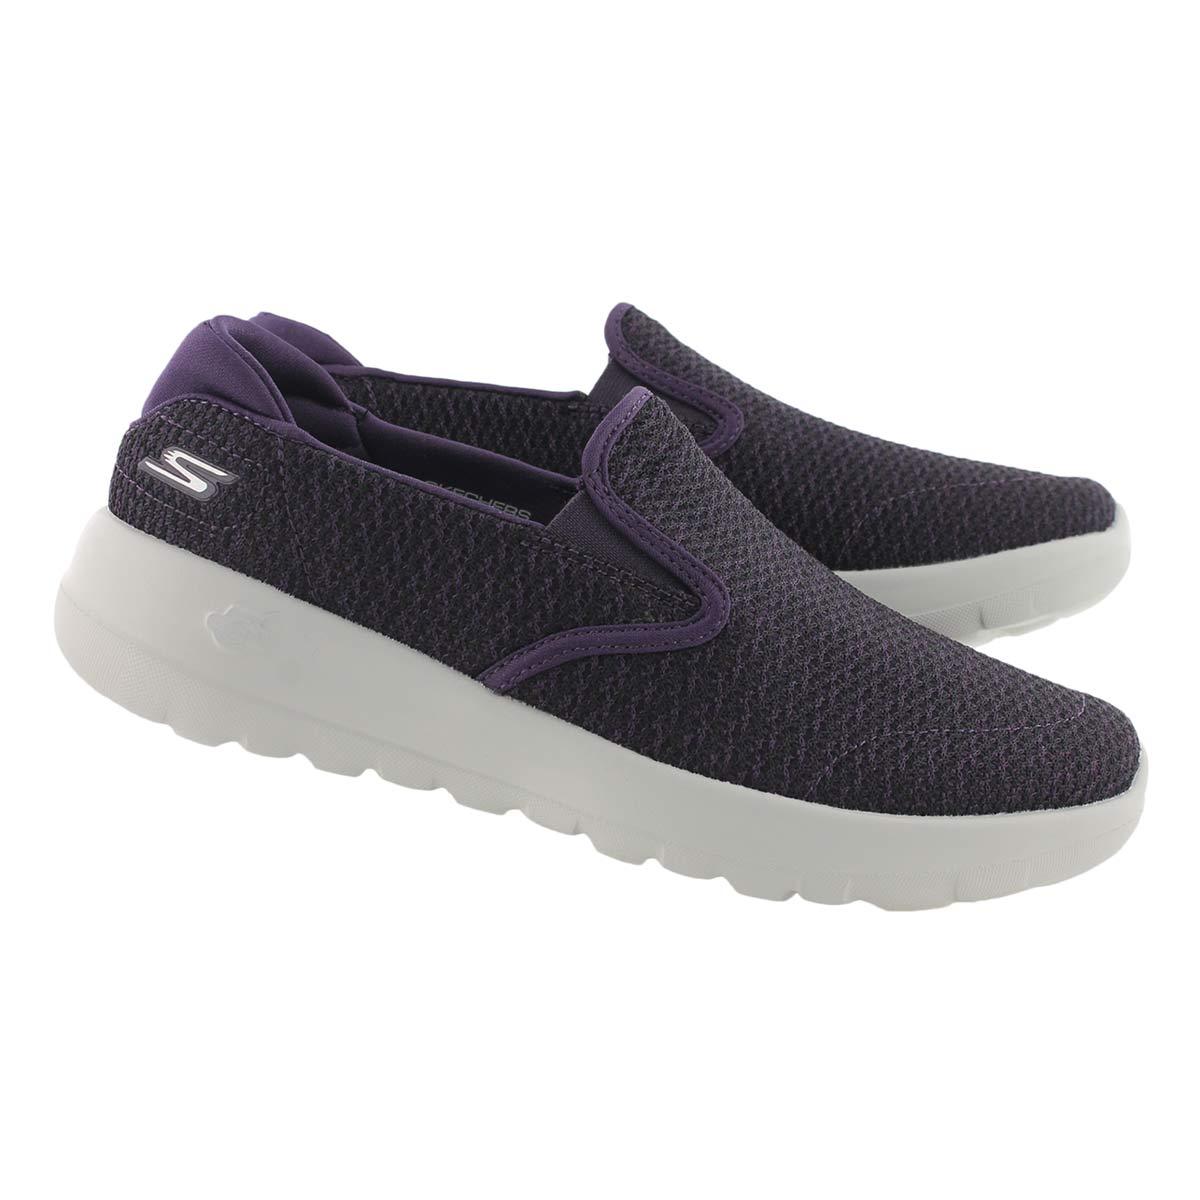 Lds GOwalk Joy Seek purple slip on shoe